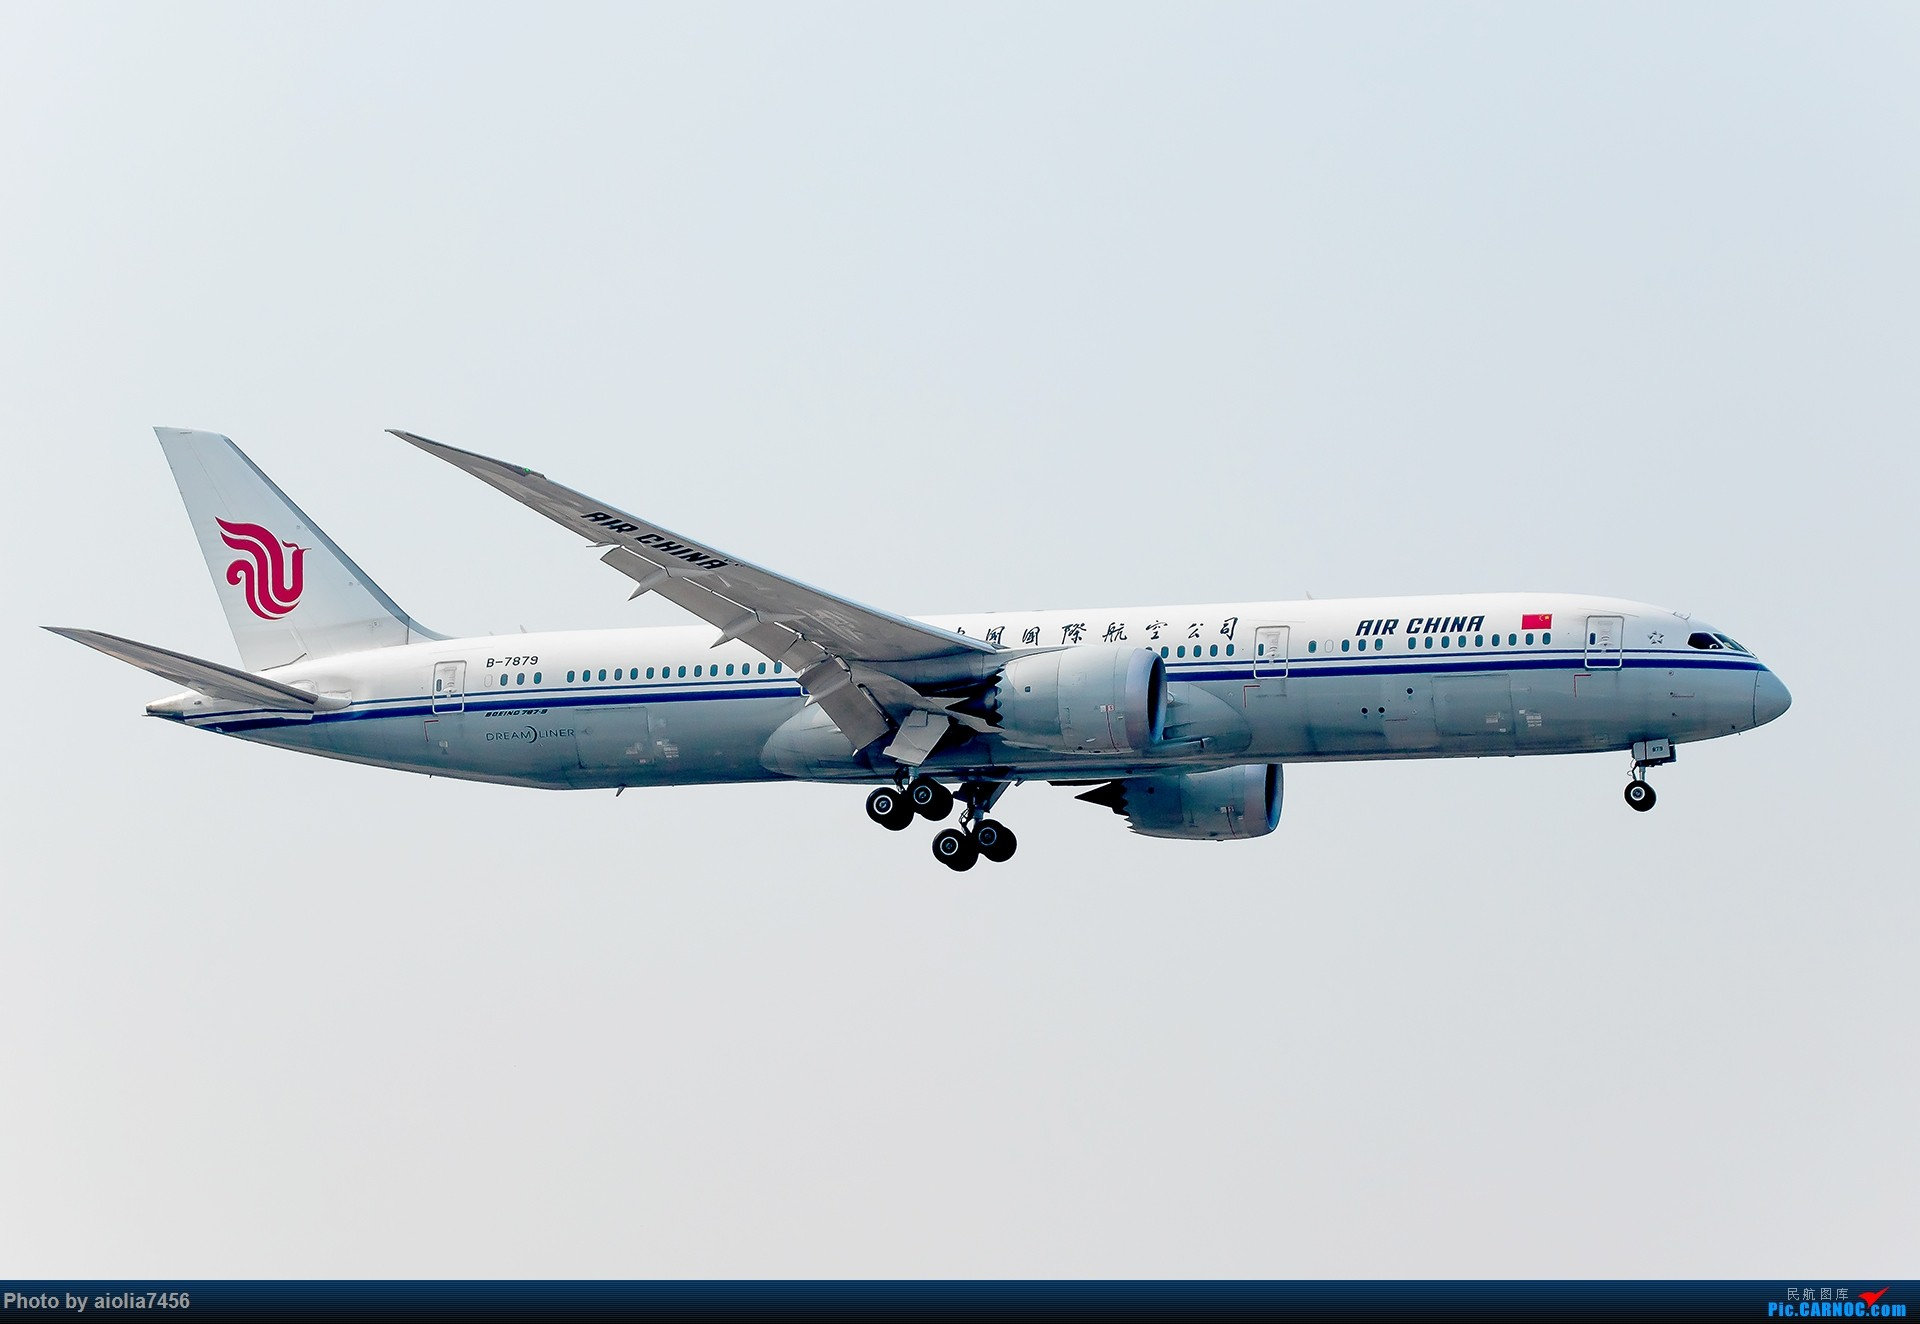 Re:[原创][霸都打机队]摸摸怀中的7D2,好宝宝,跟了新的主人你要乖乖听话哦,离开我之前,我带你逛一圈ZSSS,最后一次陪我看看那些我们不怎么看得到的宽体吧。 BOEING 787-9 B-7879 中国上海虹桥国际机场